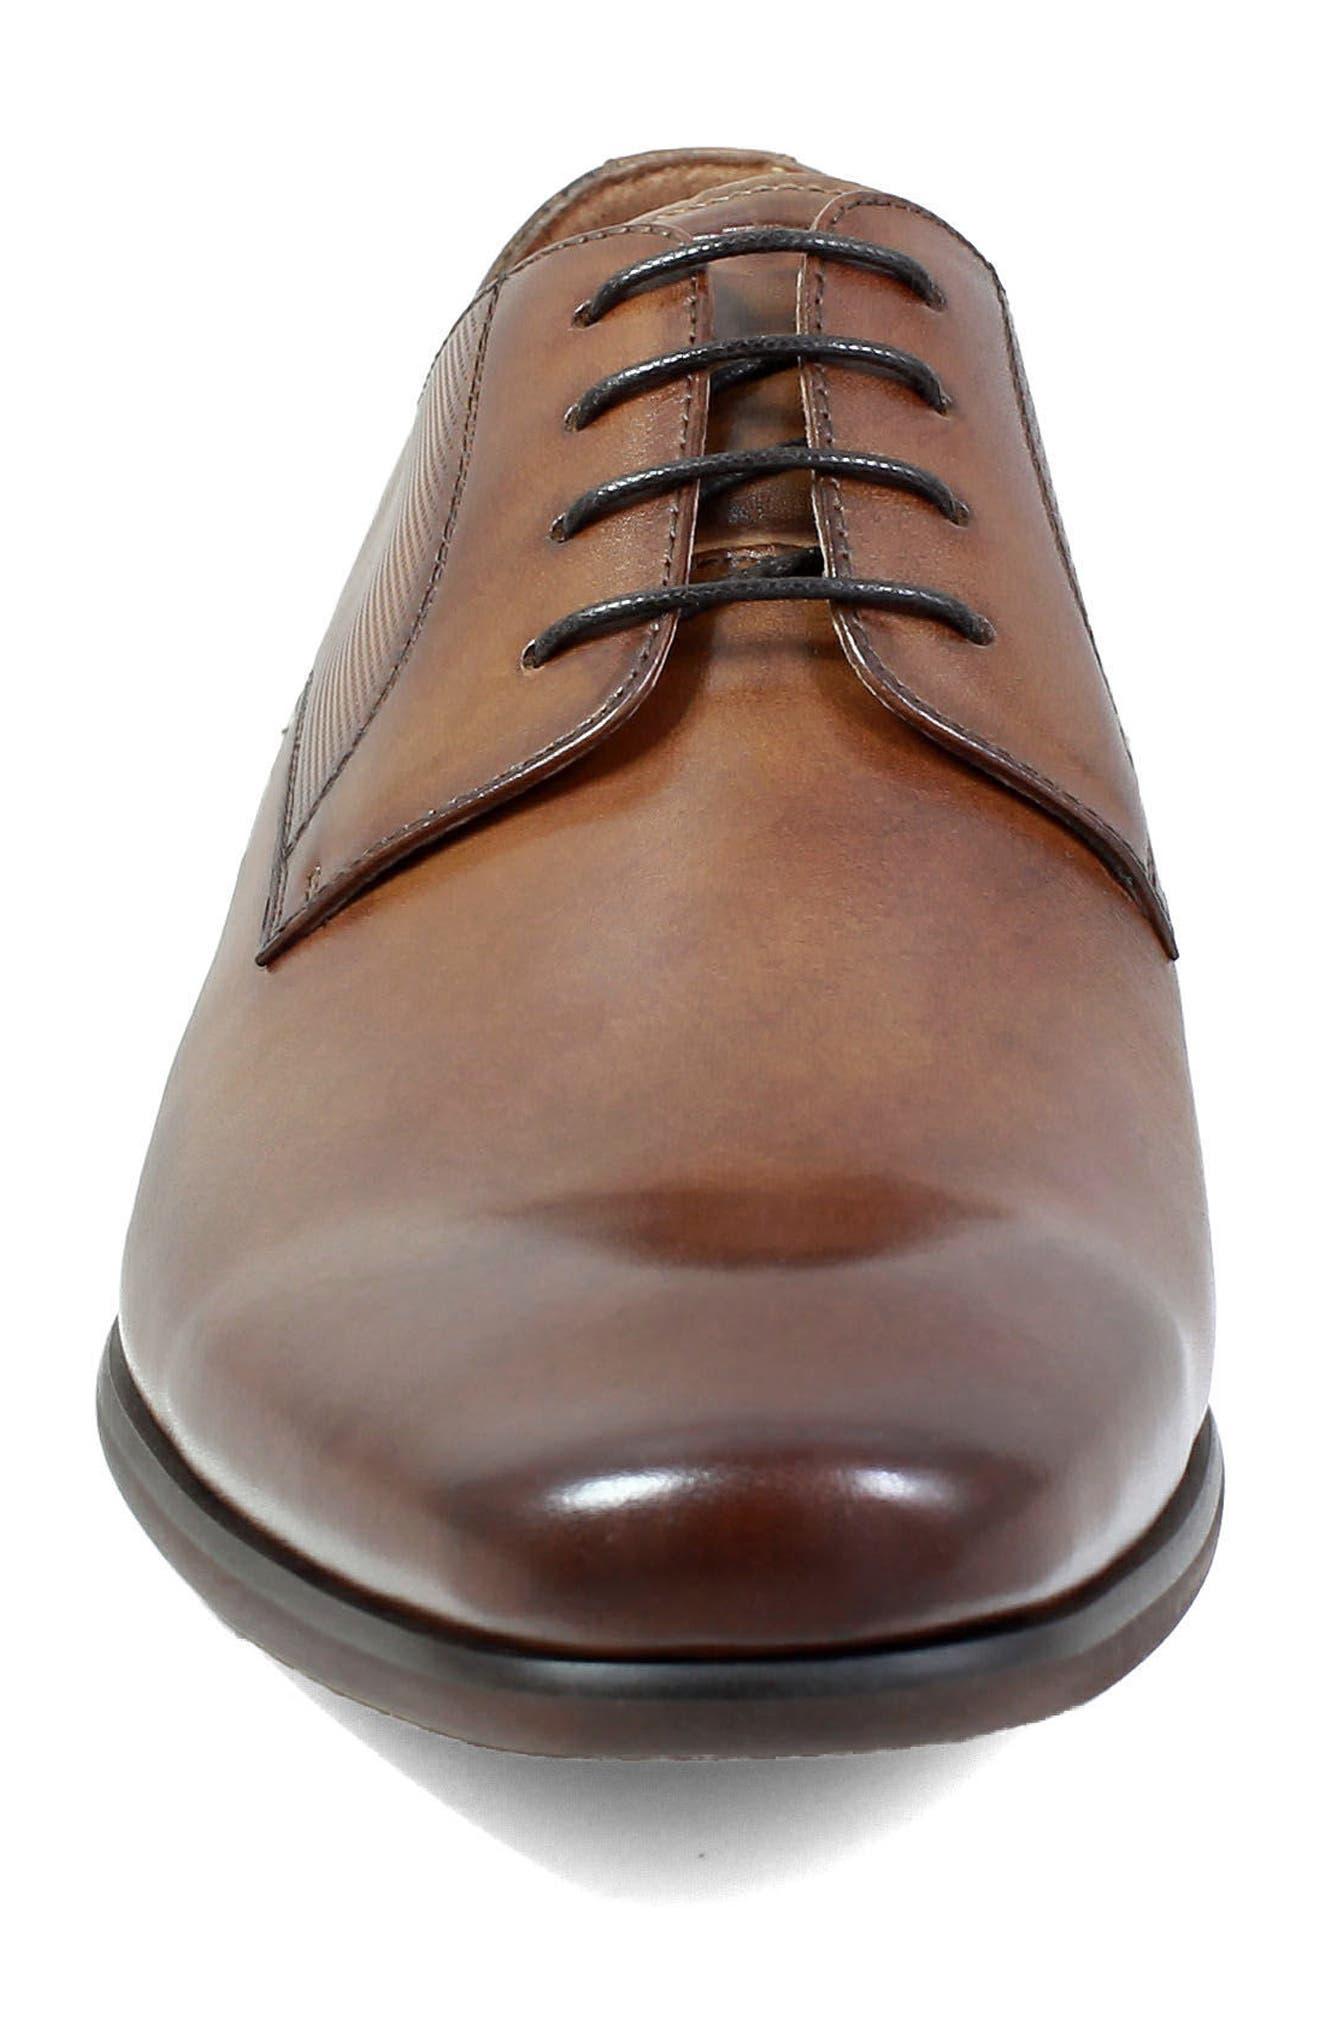 FLORSHEIM,                             Postino Textured Plain Toe Derby,                             Alternate thumbnail 4, color,                             COGNAC LEATHER